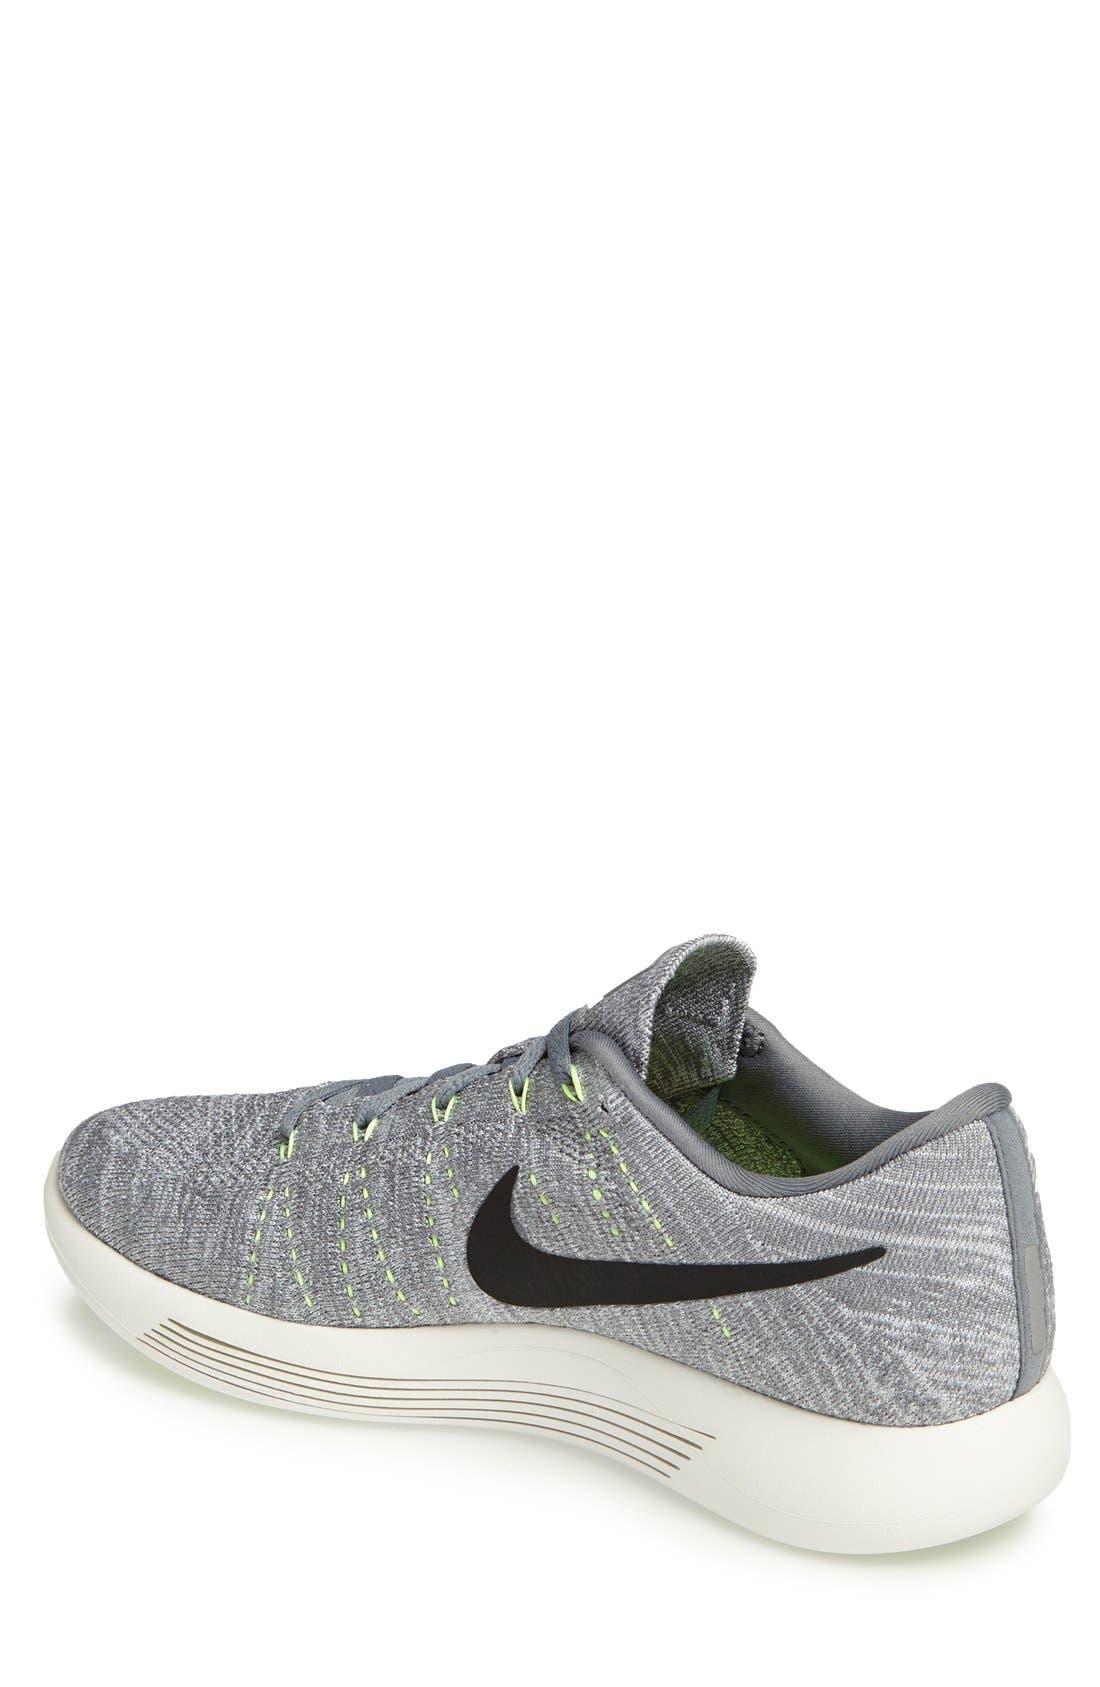 Alternate Image 2  - Nike 'LunarEpic Low Flyknit' Running Shoe (Men)